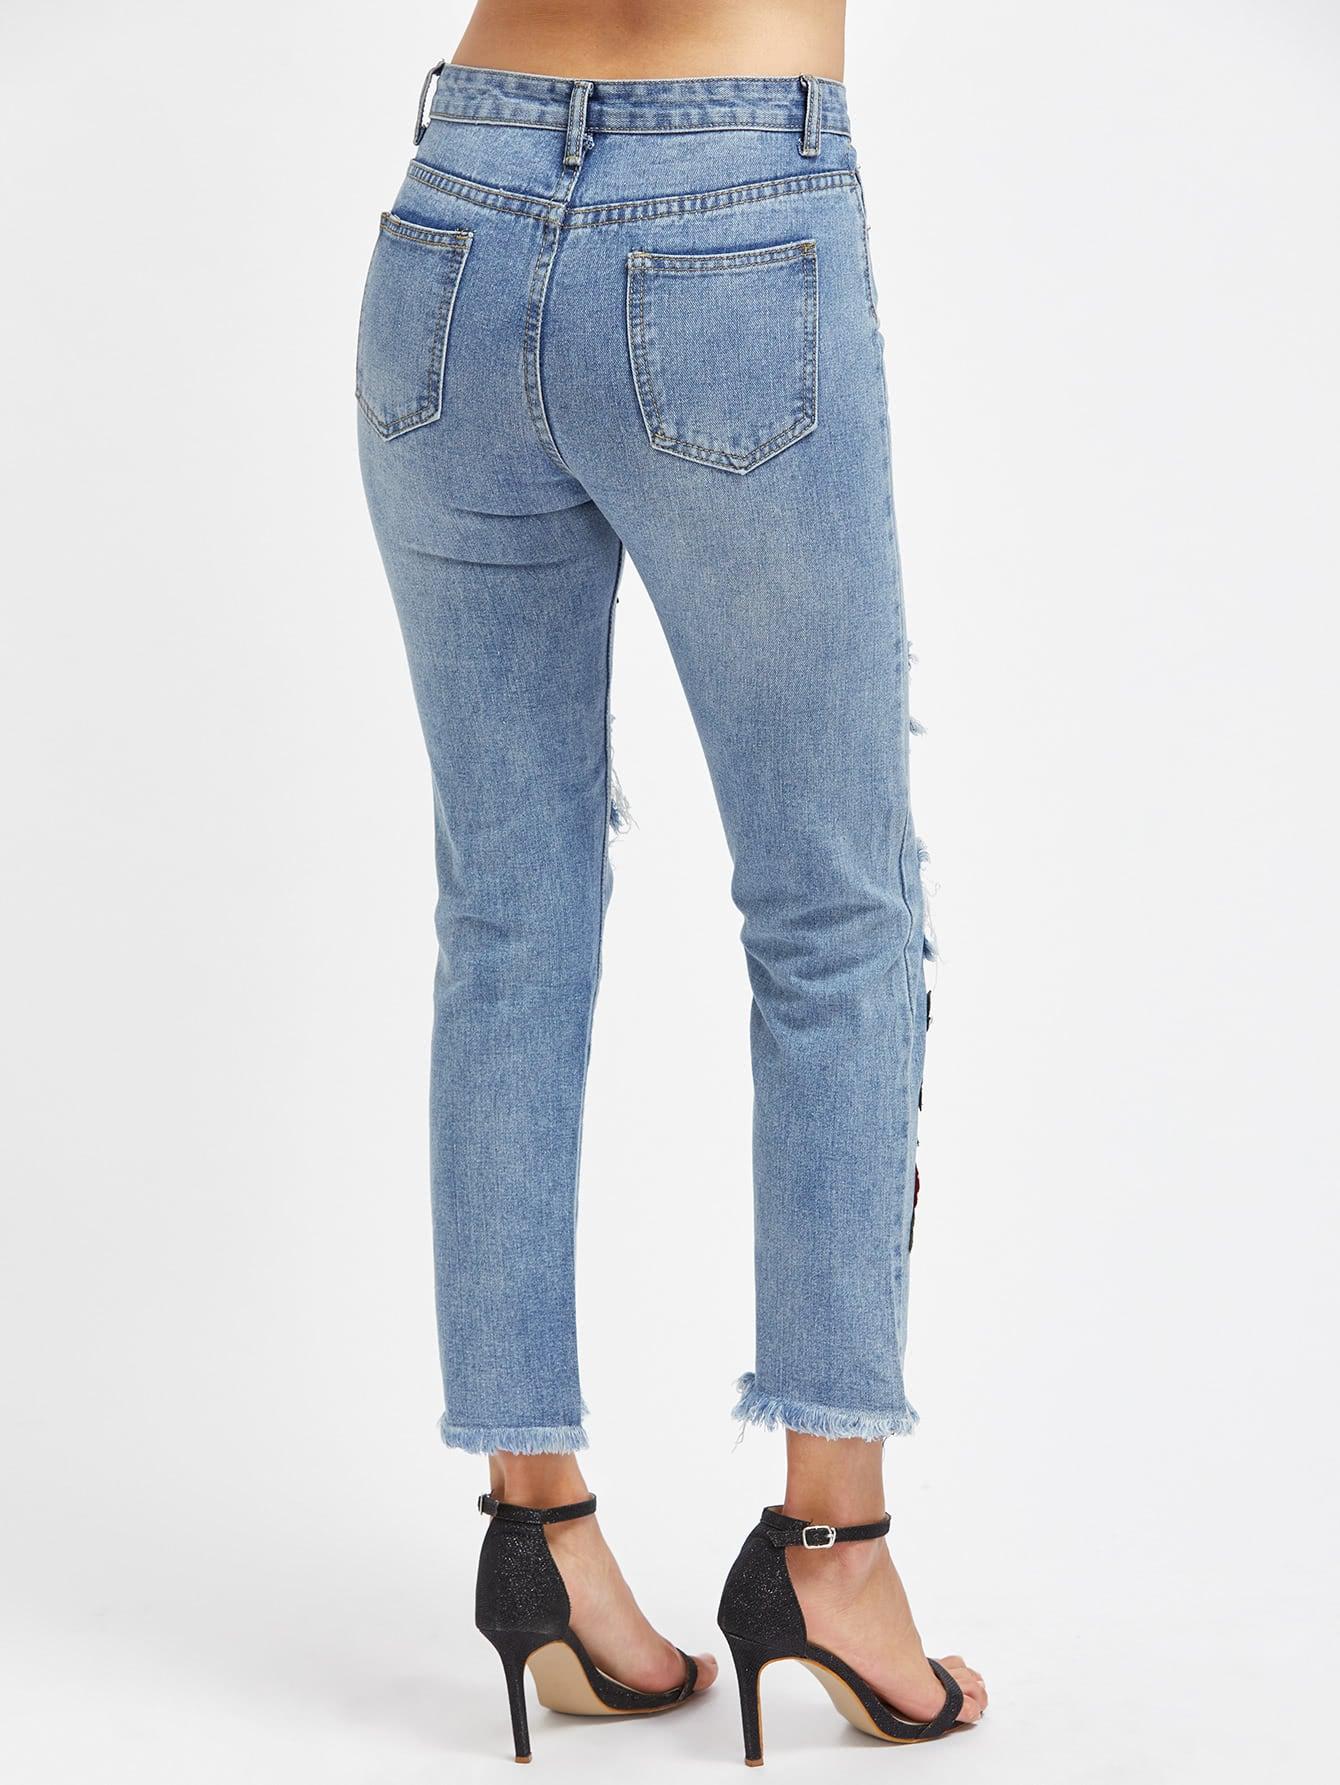 pants170602101_2